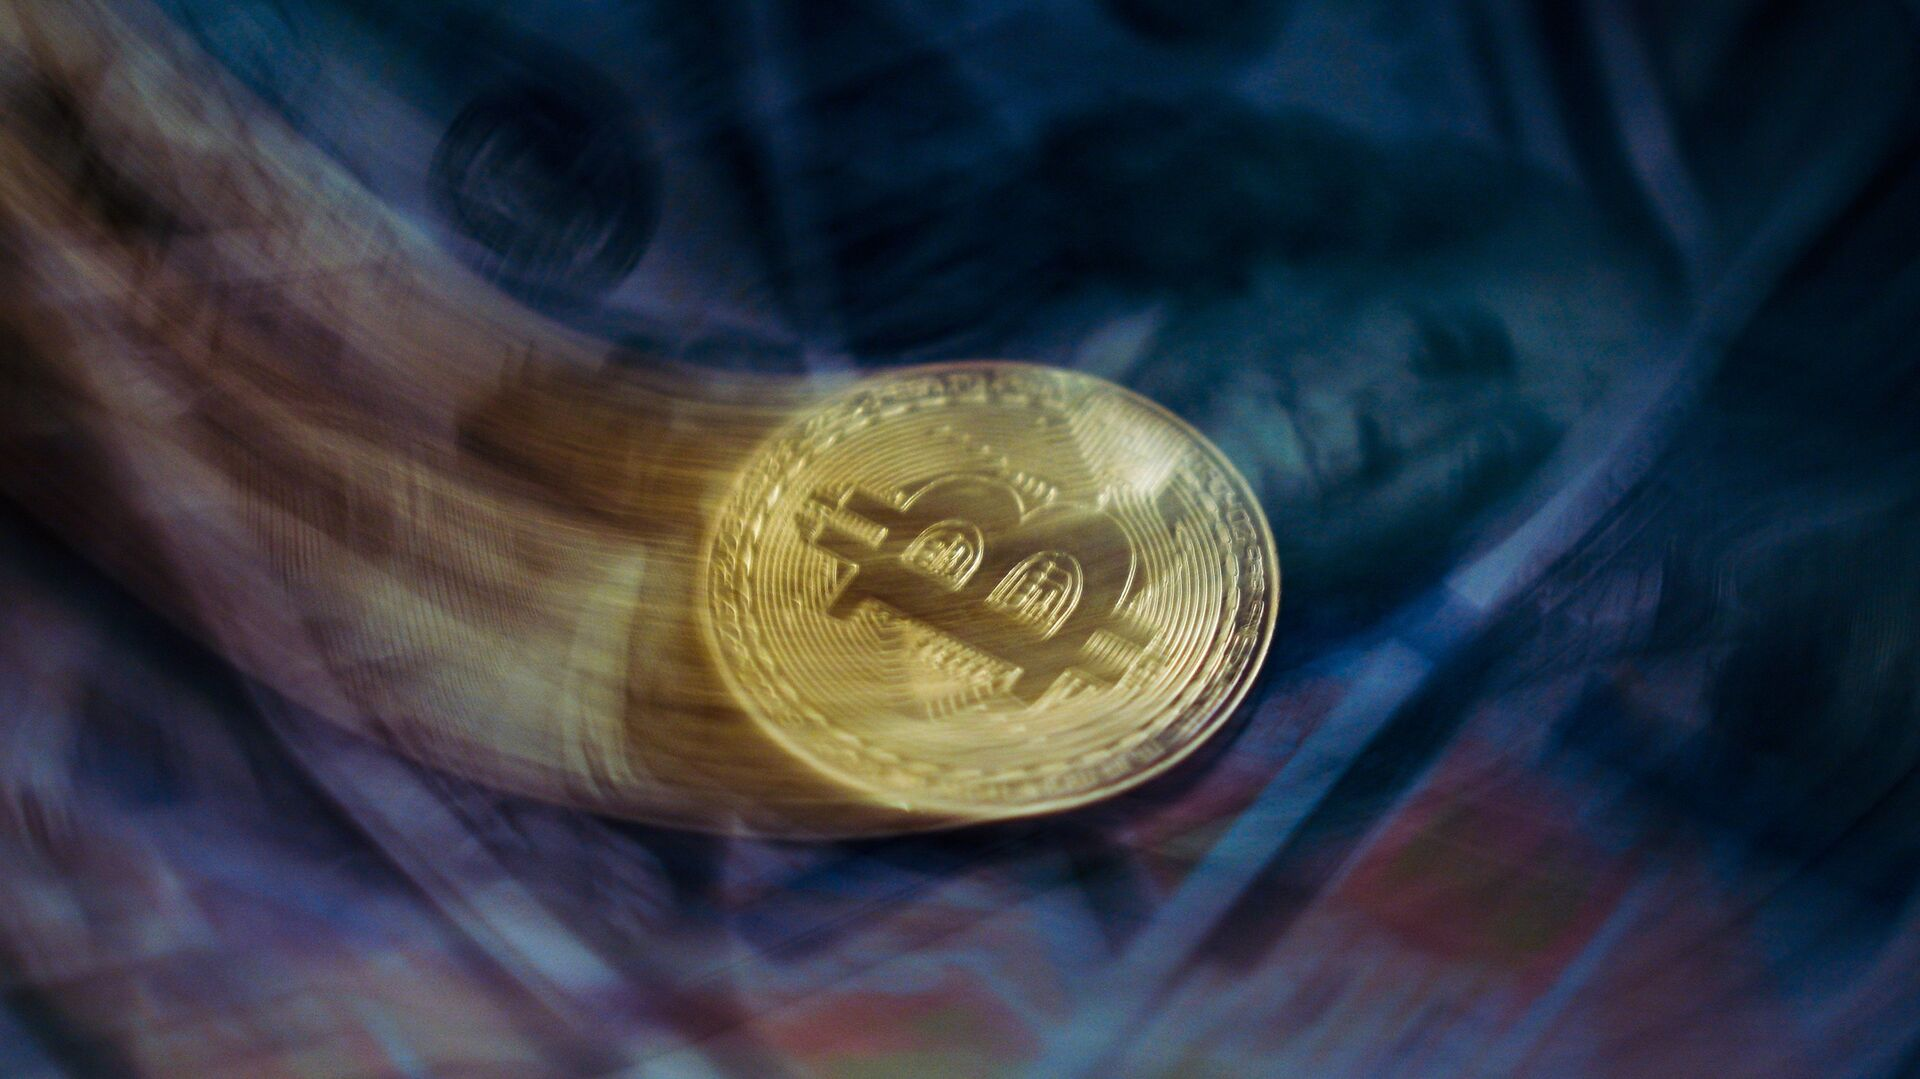 Цена биткоина обвалилась ниже 50 тысяч долларов